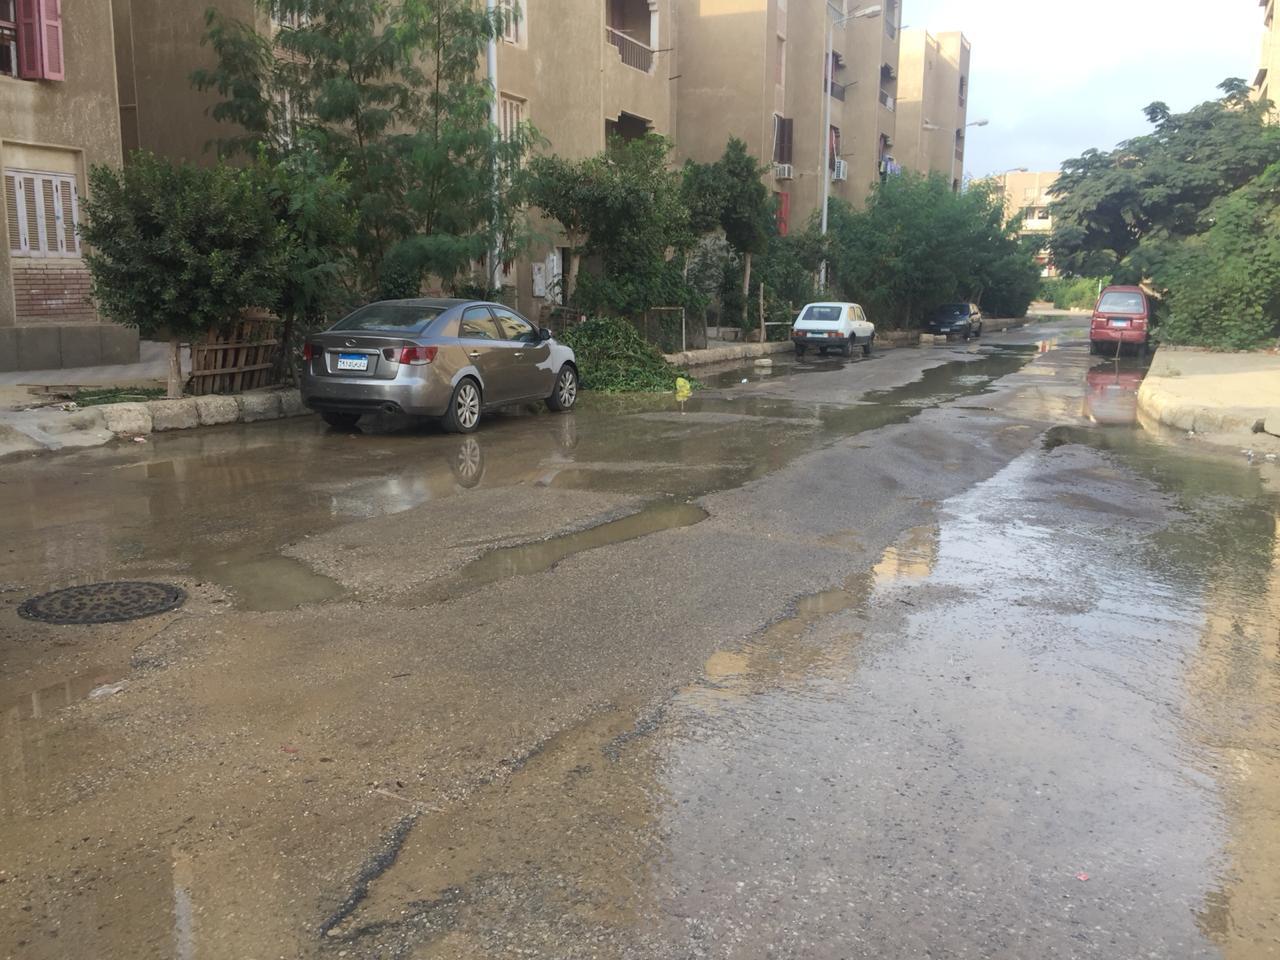 غرق الشوارع بسبب كسر ماسورة المياه